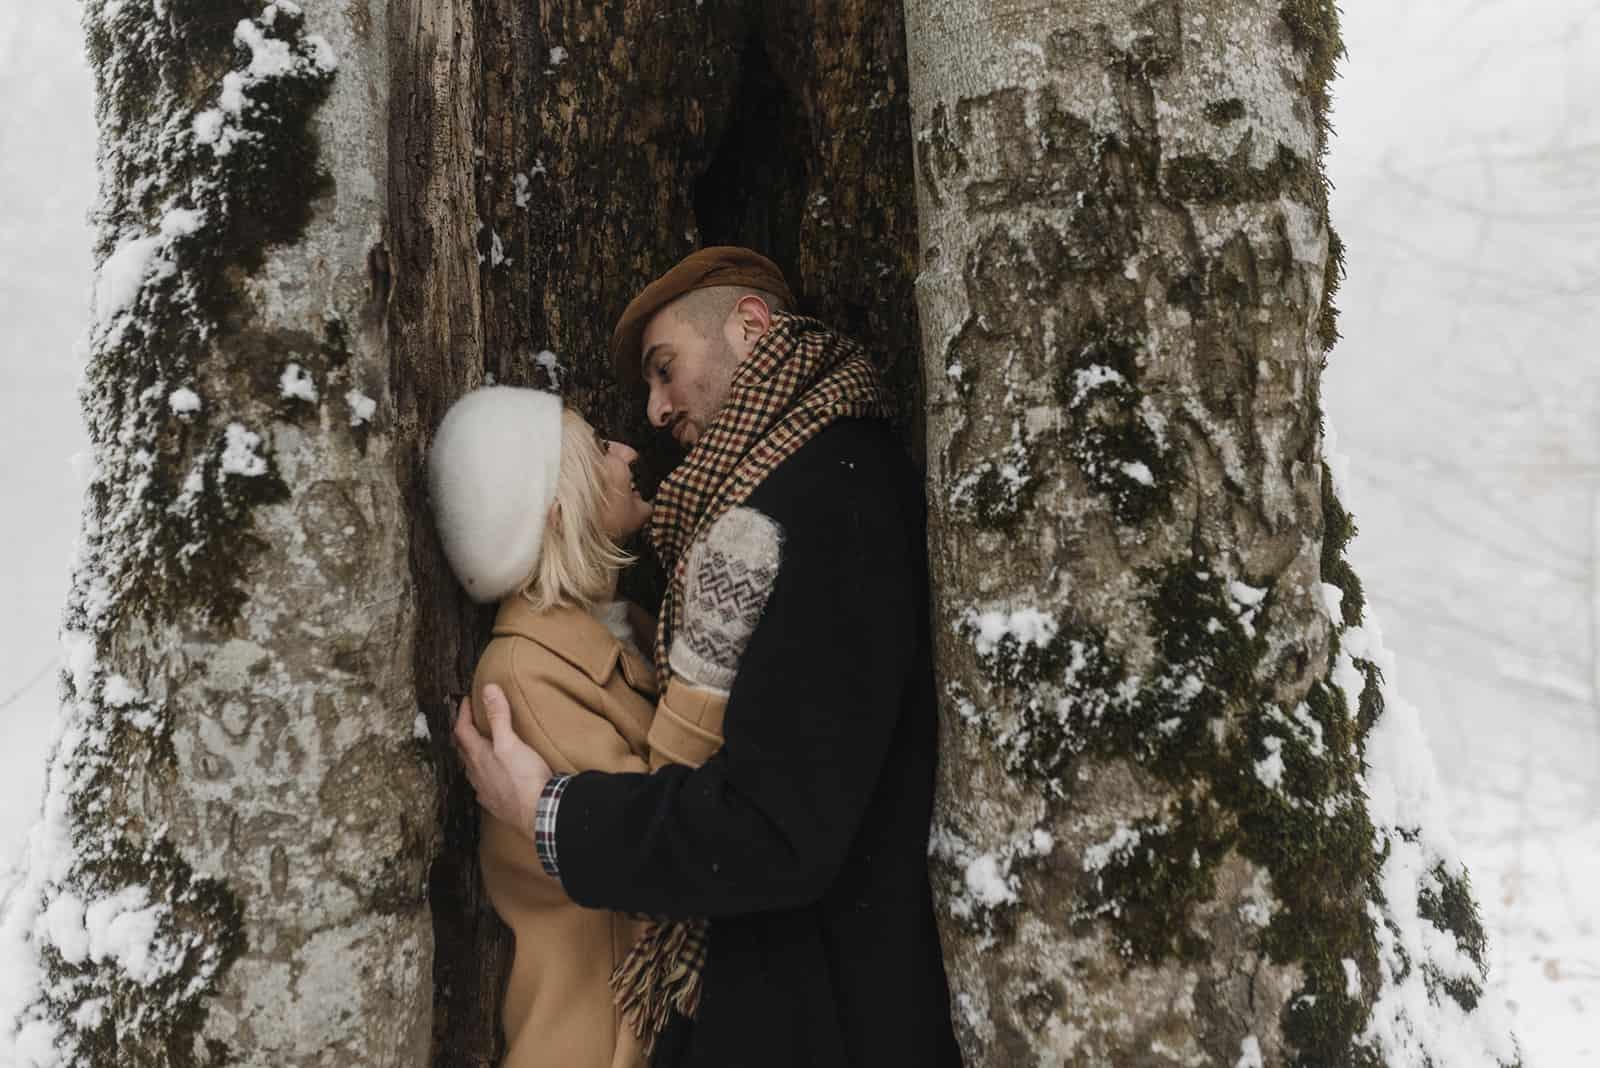 Liebespaar, das an einem verschneiten Tag in der Nähe des Baumes umarmt